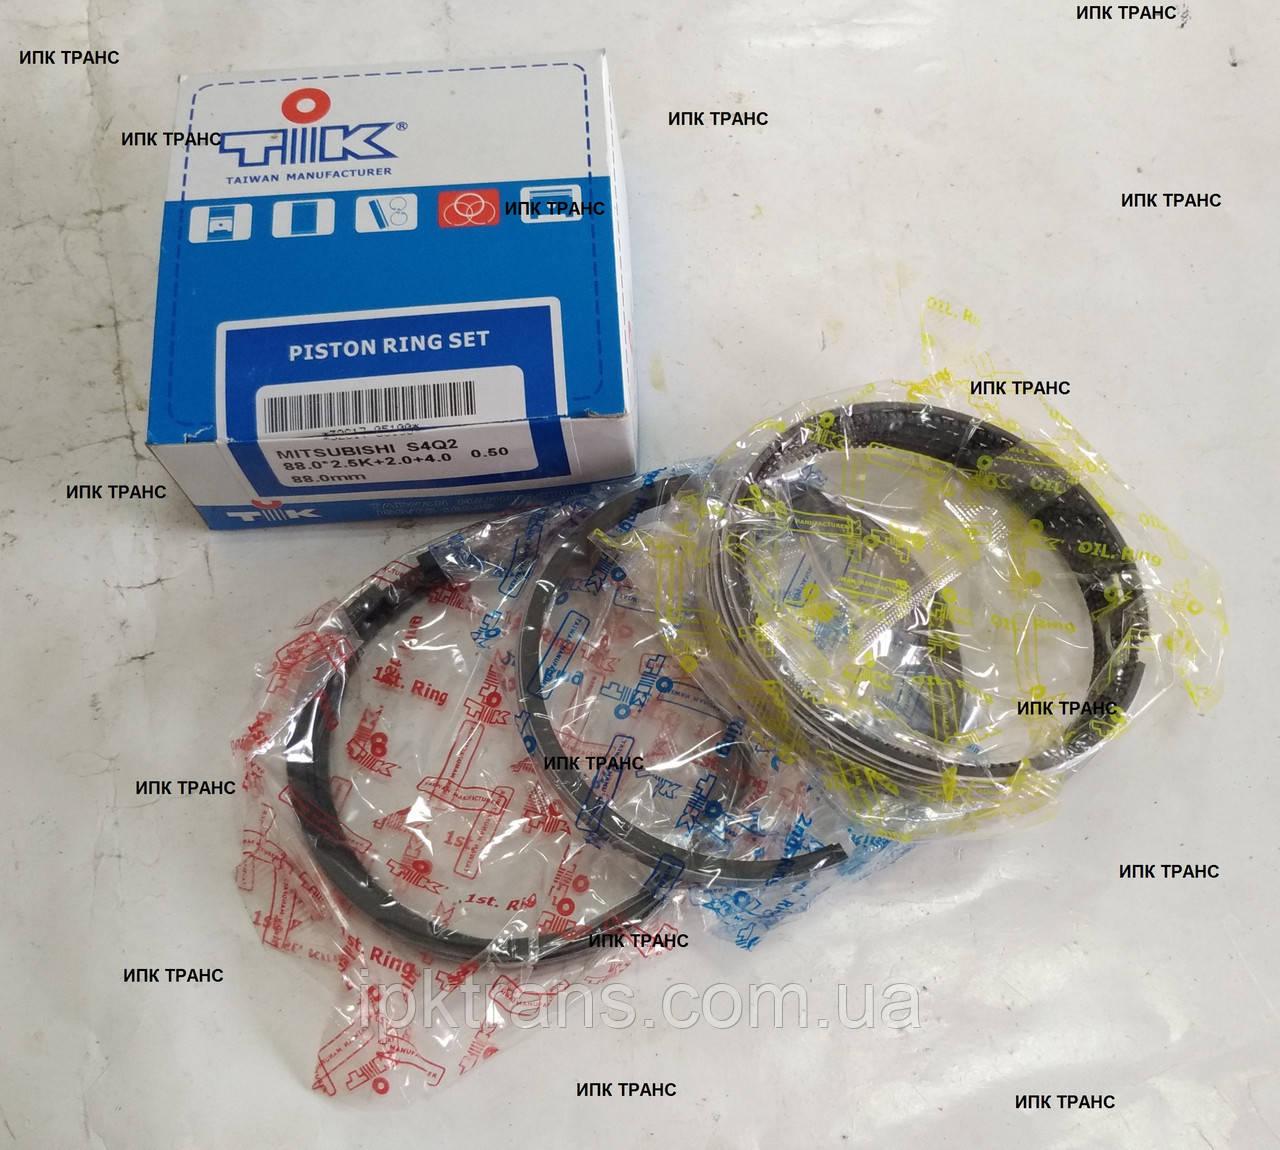 Кольца поршневые на двигатель MITSUBISHI S4Q (STD) 3061770010, 30617-70010